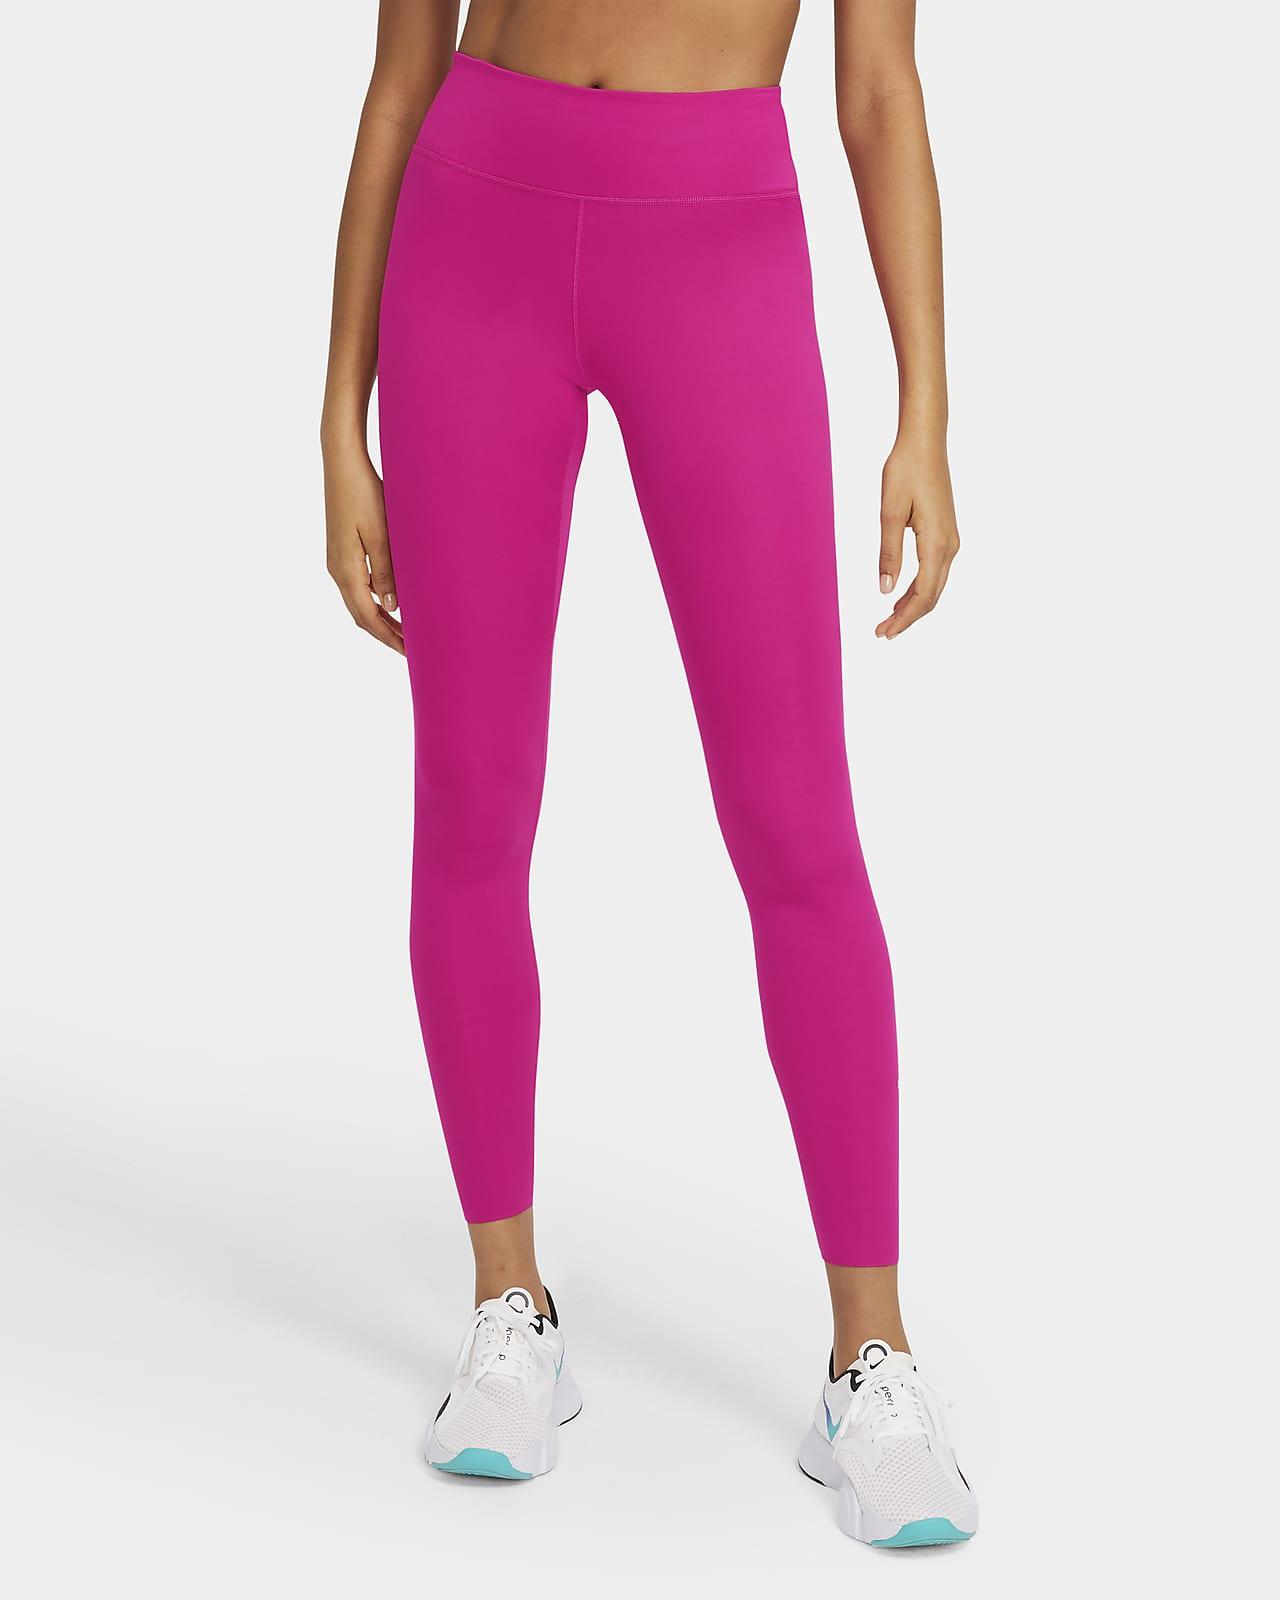 Nike One Luxe Normal Belli Kadın Taytı